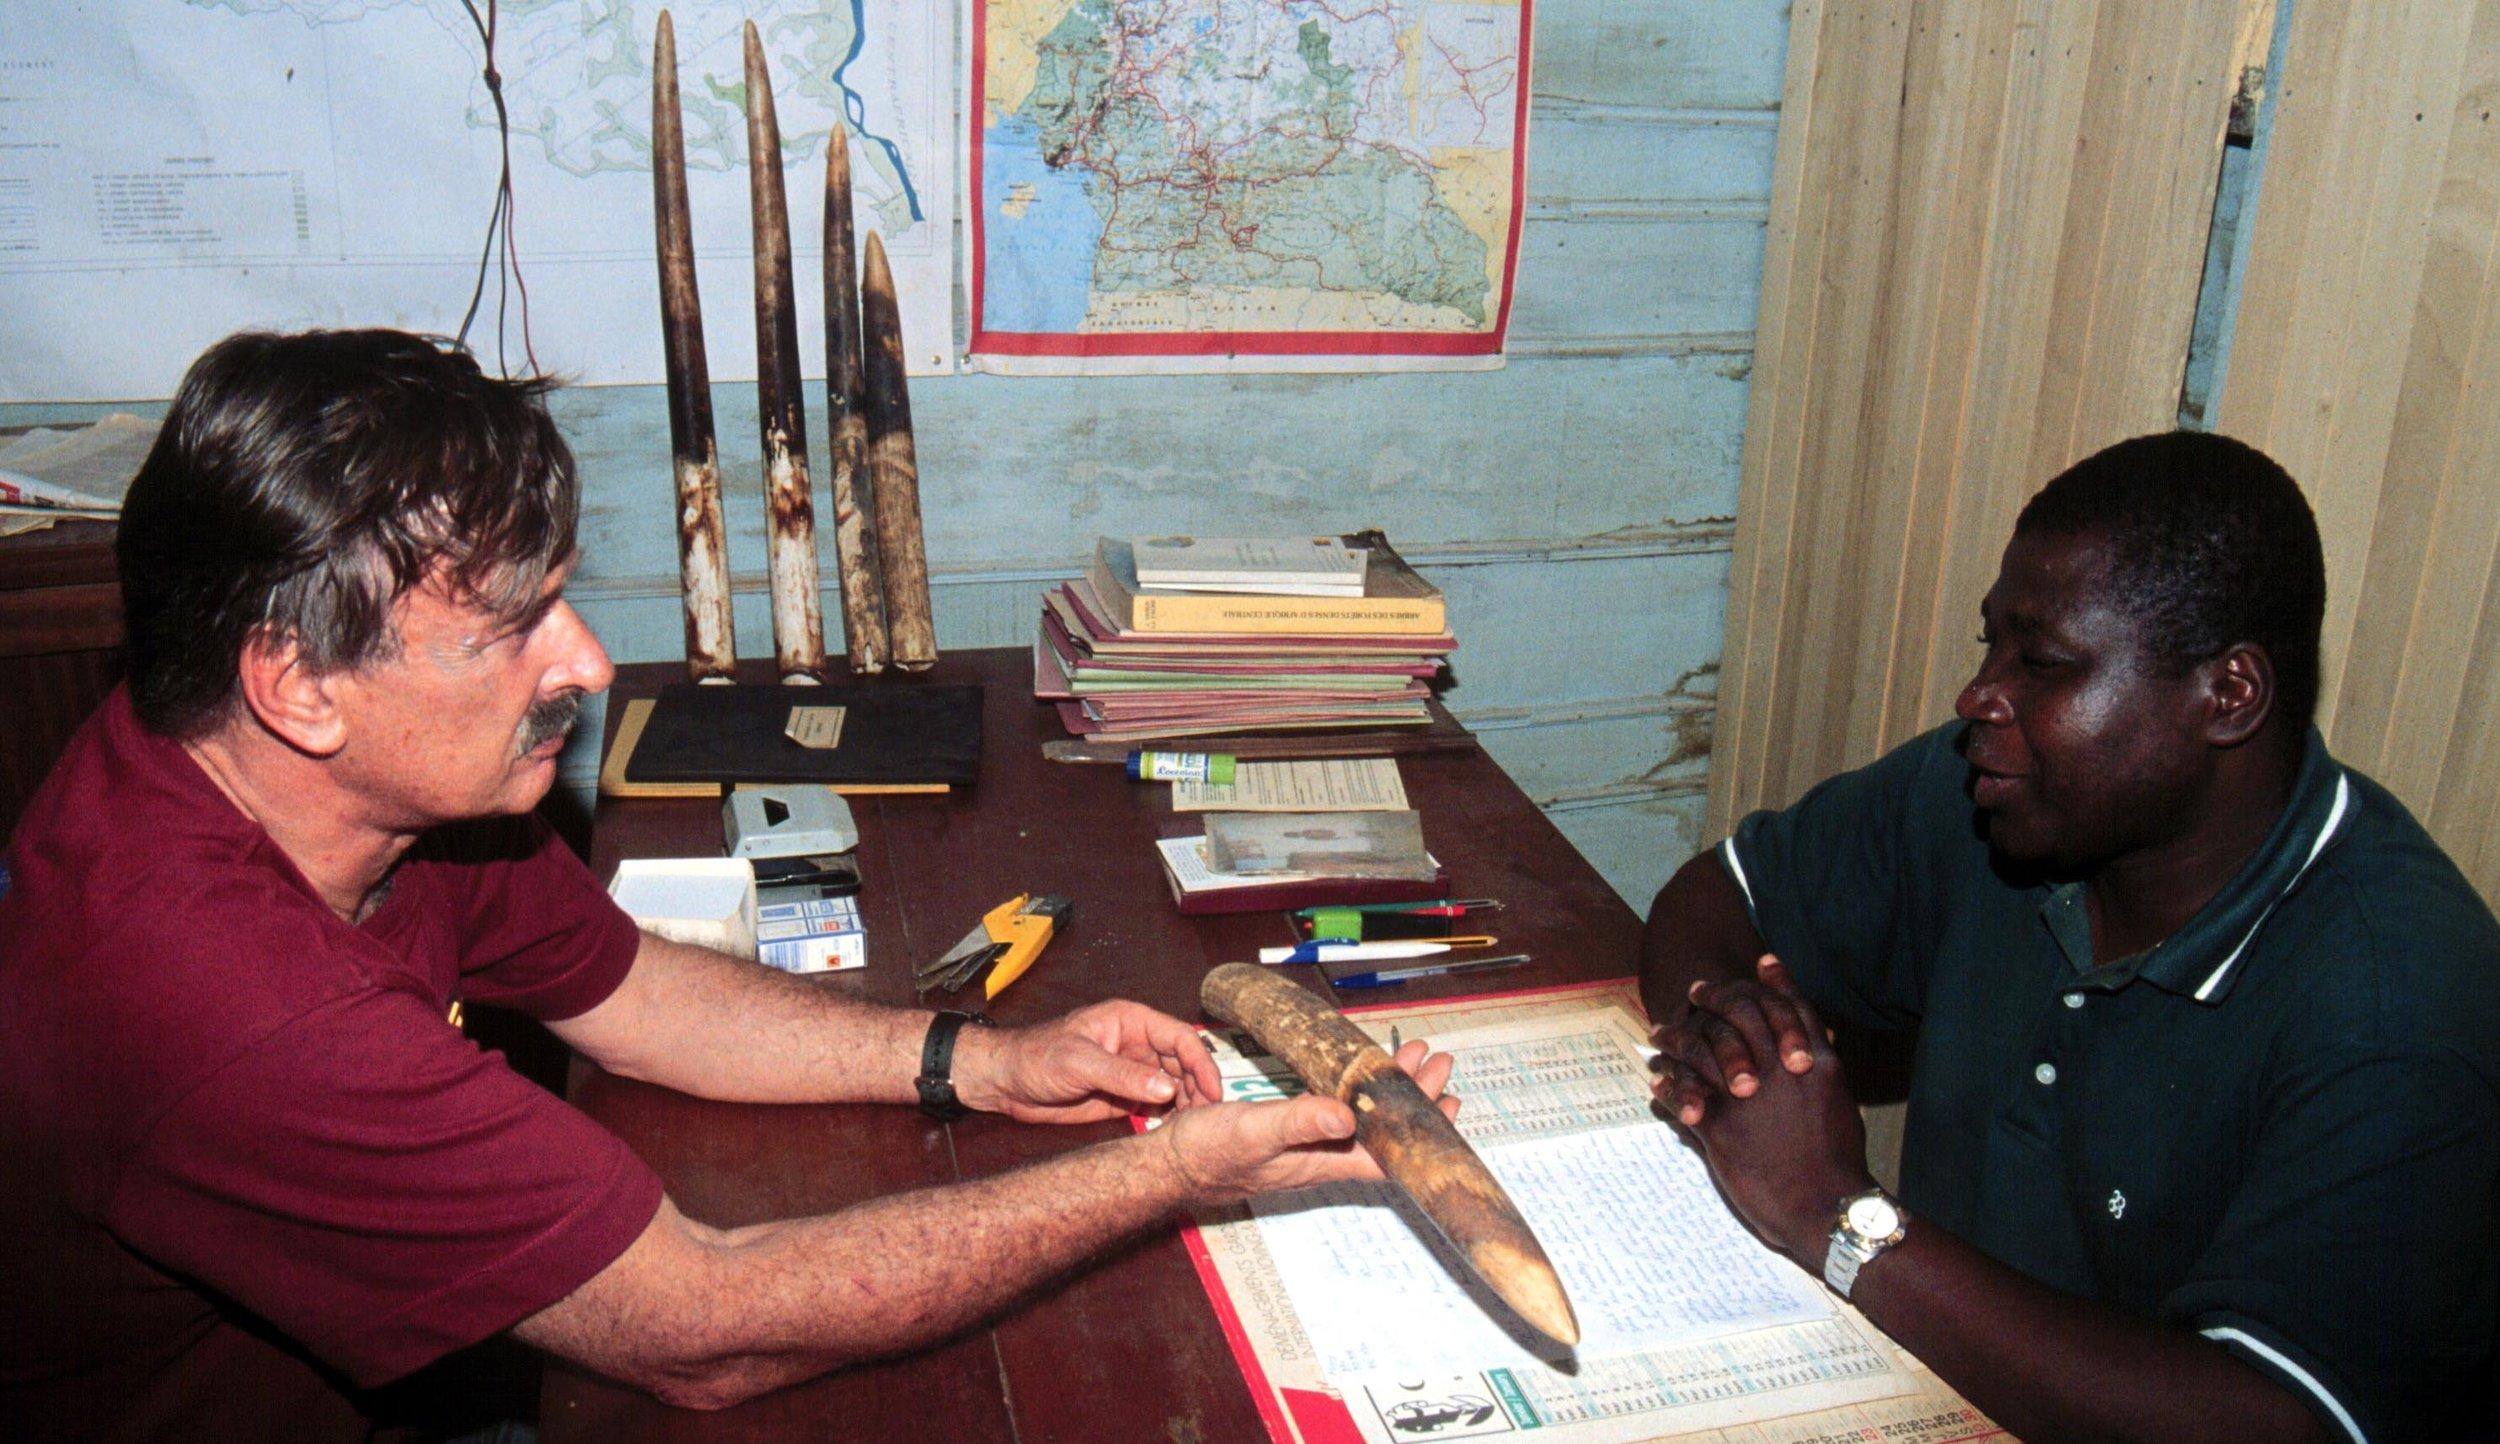 Nachforschungen in Kamerun: Karl Ammann will wissen, was mit dem gewilderten Stosszahn geschieht |  © Foto by Ruedi Suter